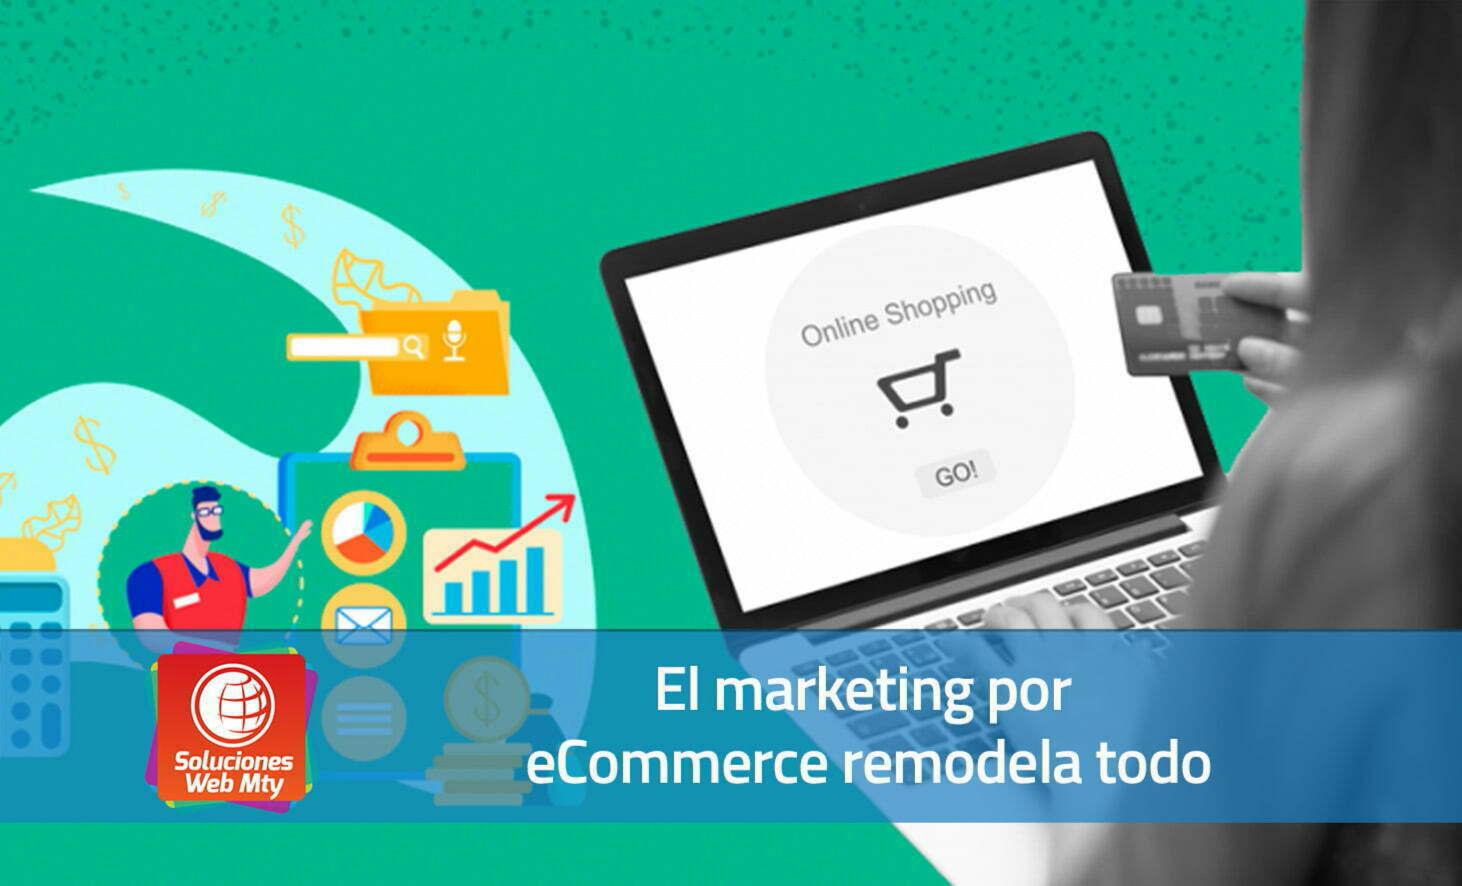 El marketing por eCommerce remodela todo